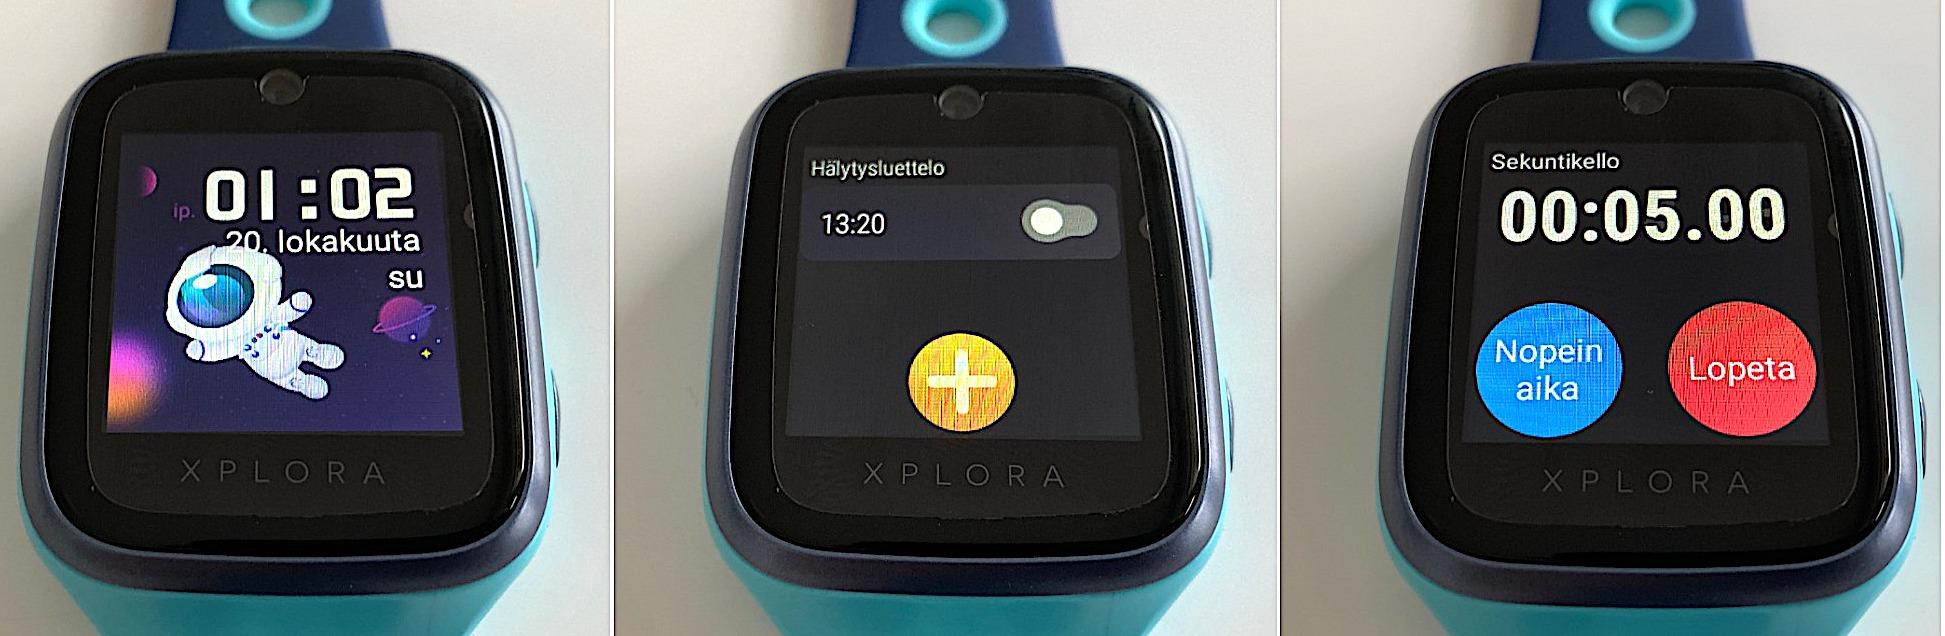 Xplora 4:n kellotaulu sekä Hälytys- ja Sekuntikello-sovellukset.